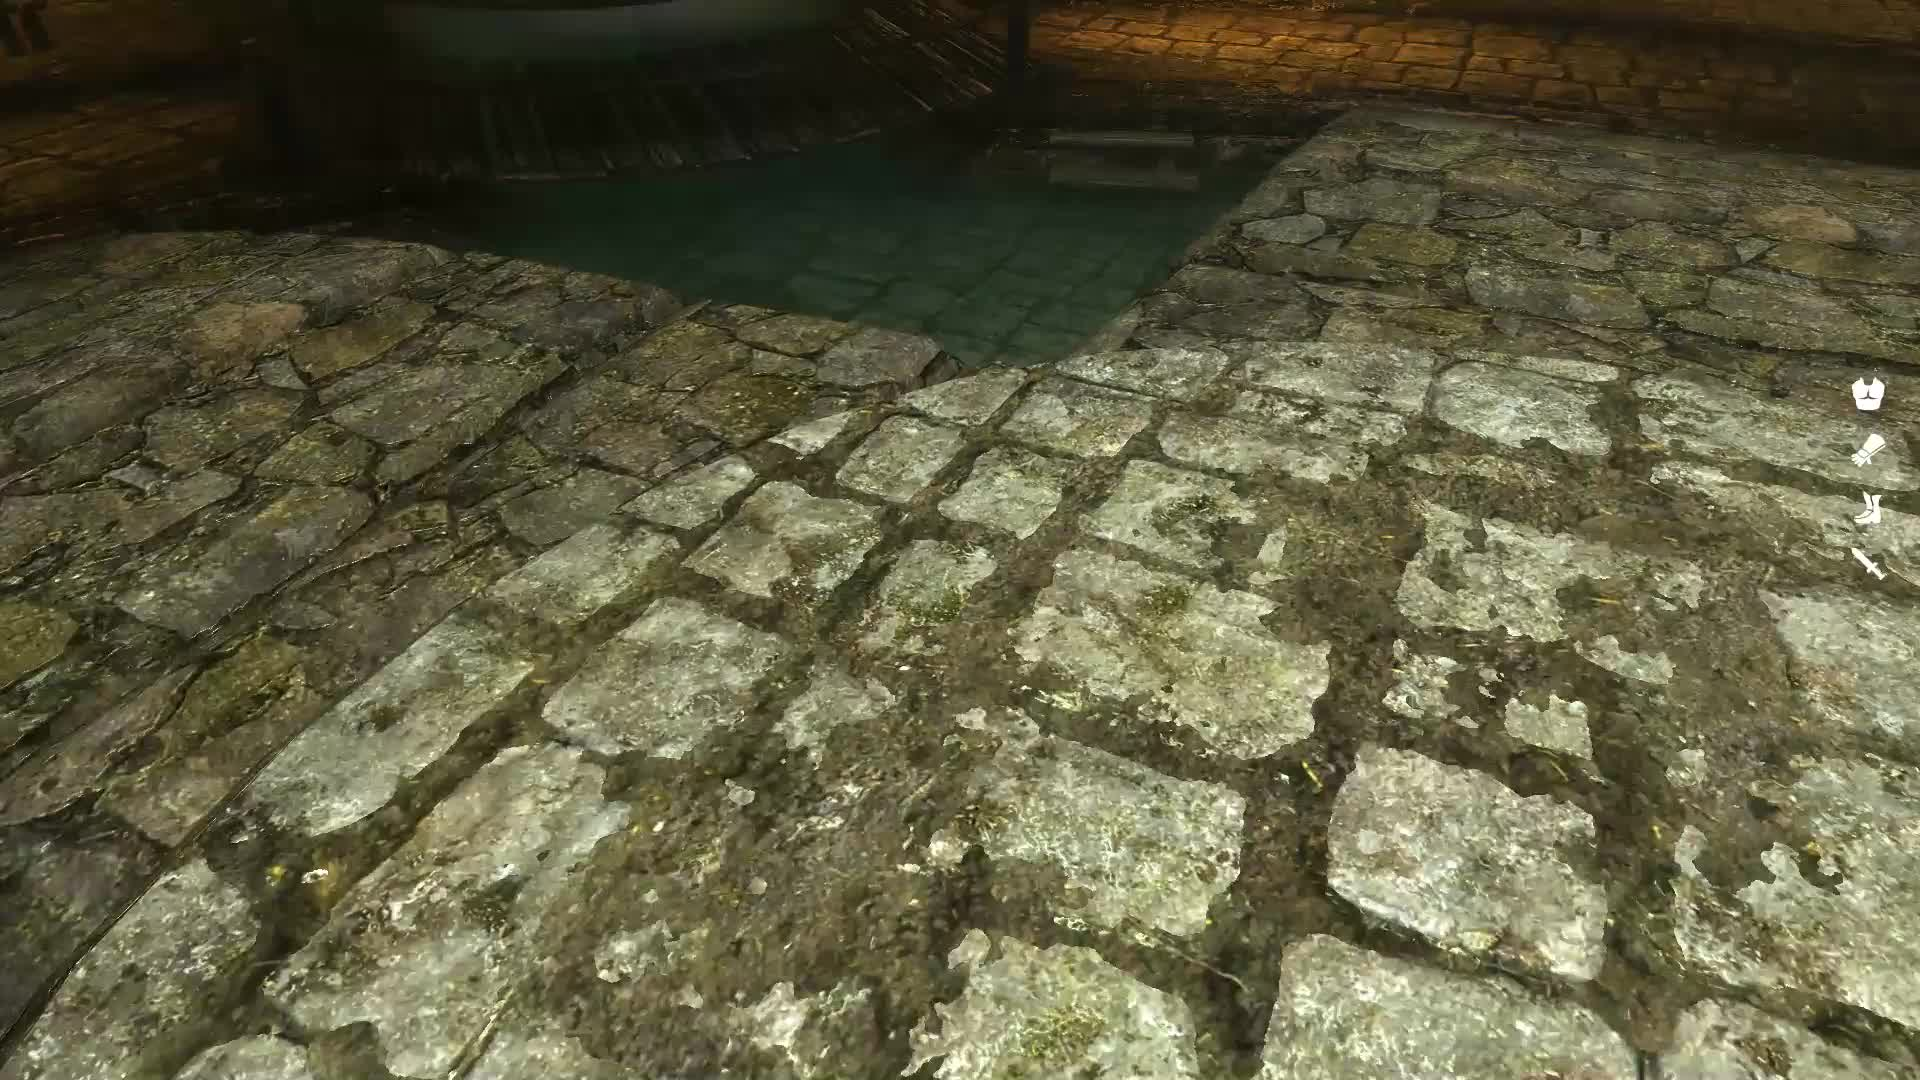 skyrimmods, Weird lighting glitch - Ragged Flagon cistern GIFs